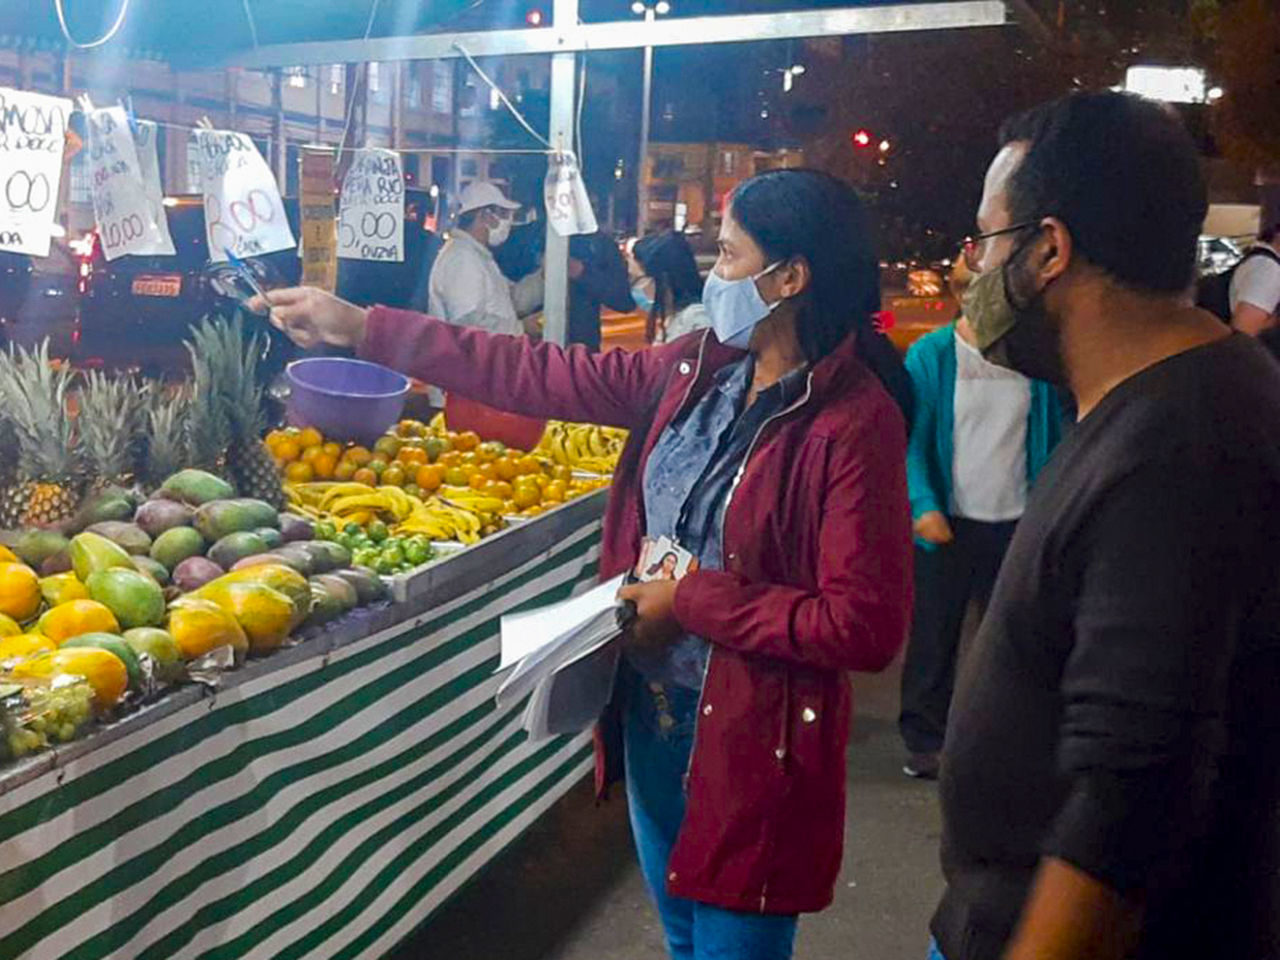 Foto é em feira, em frente a uma barraca de frutas, mulher está com caderno em uma das mãos e caneta na outra, com a qual aponta para placa com preços.